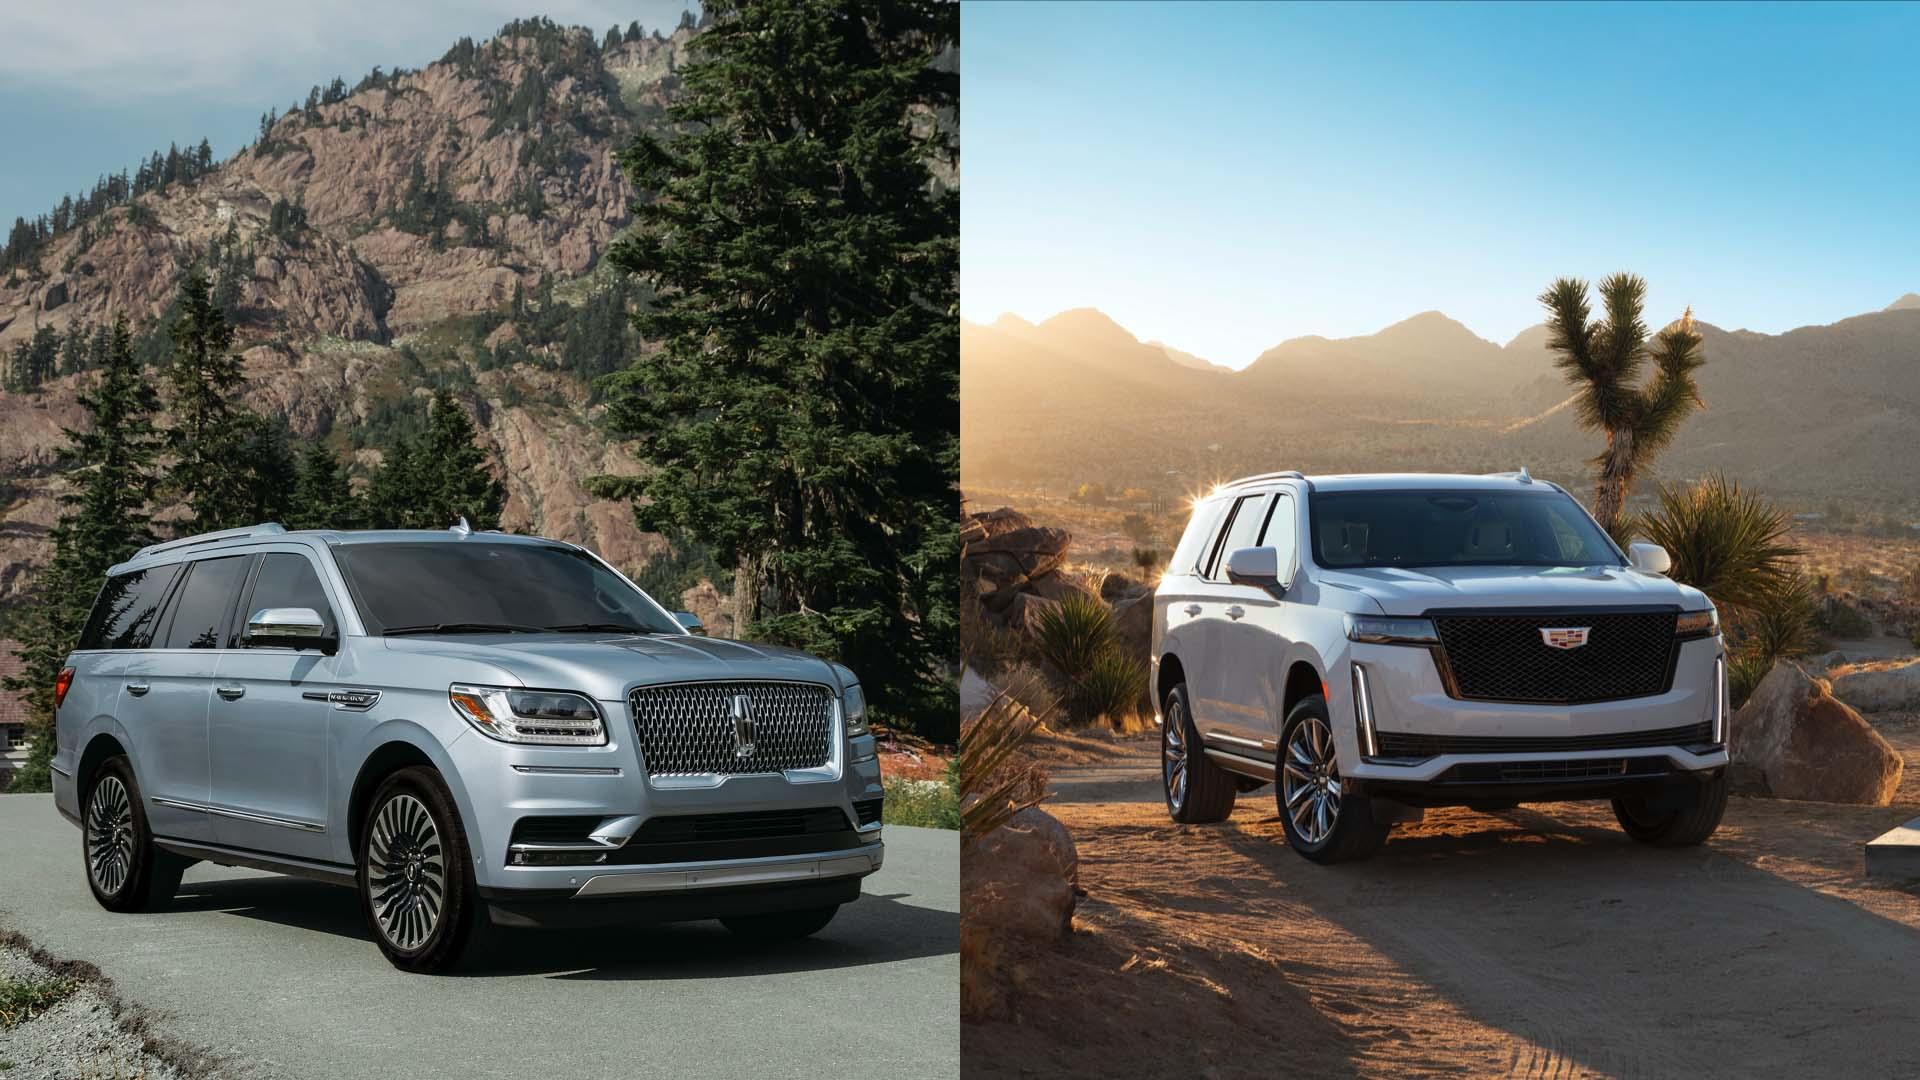 2021 Cadillac Escalade Vs 2020 Lincoln Navigator How The Full Size Suvs Compare